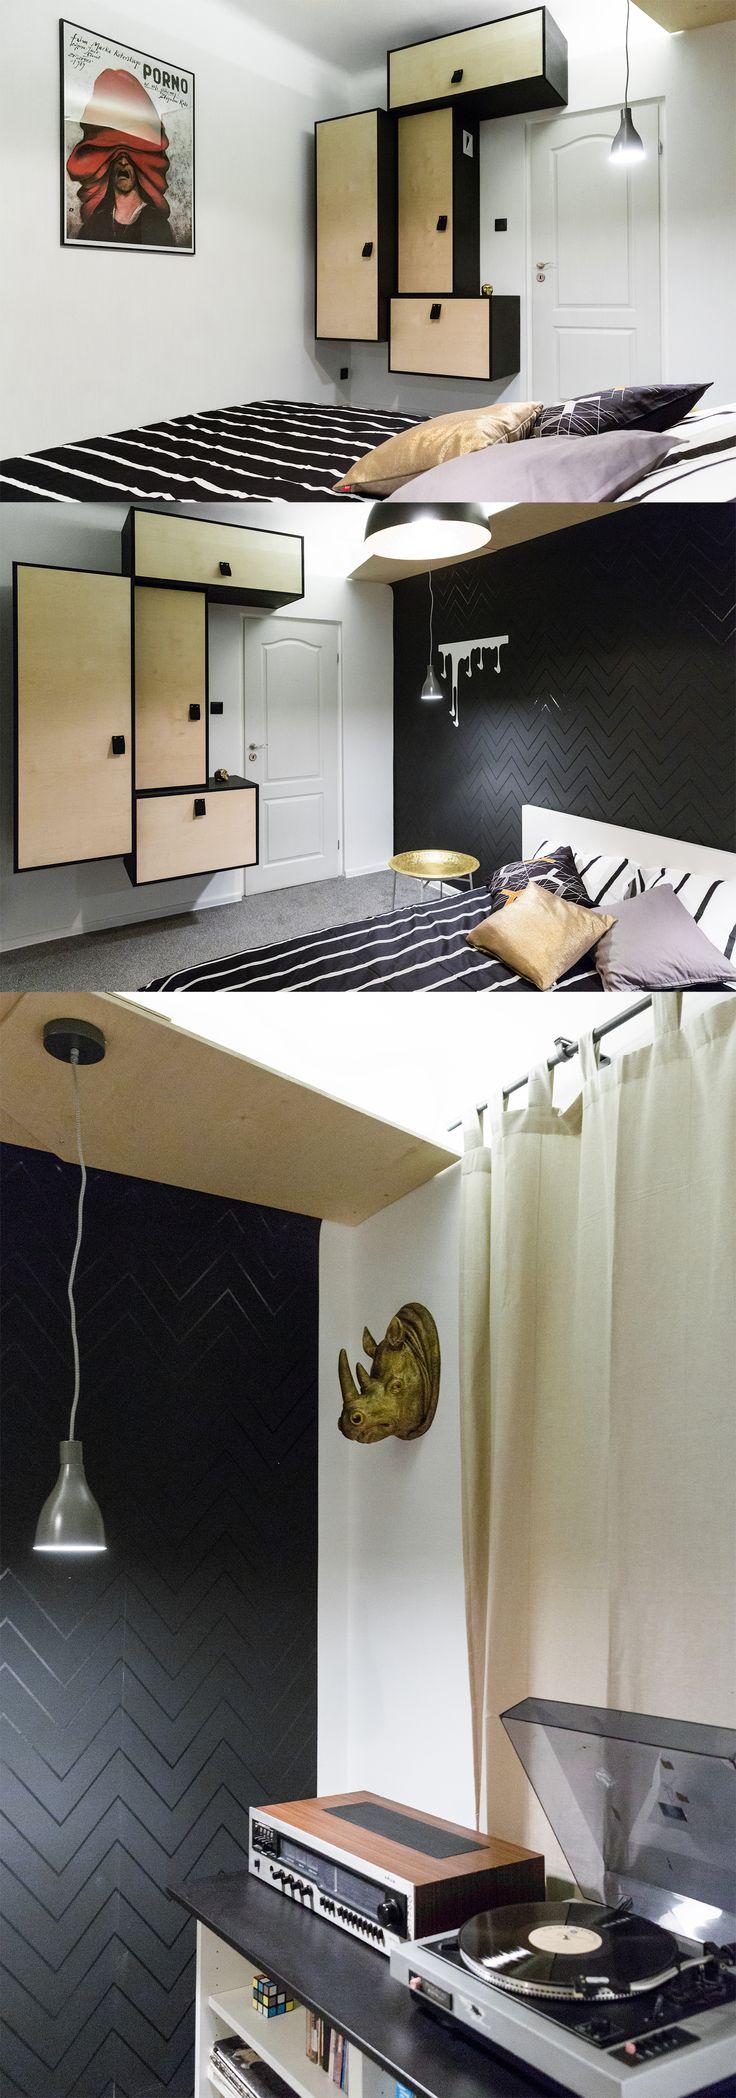 Sypialnia młodego mężczyzny. Lubi czarny kolor, lubi muzykę i lubi... wyrazistość. Tomasz osobiście wykonał tę kubistyczną szafę według własnego projektu.